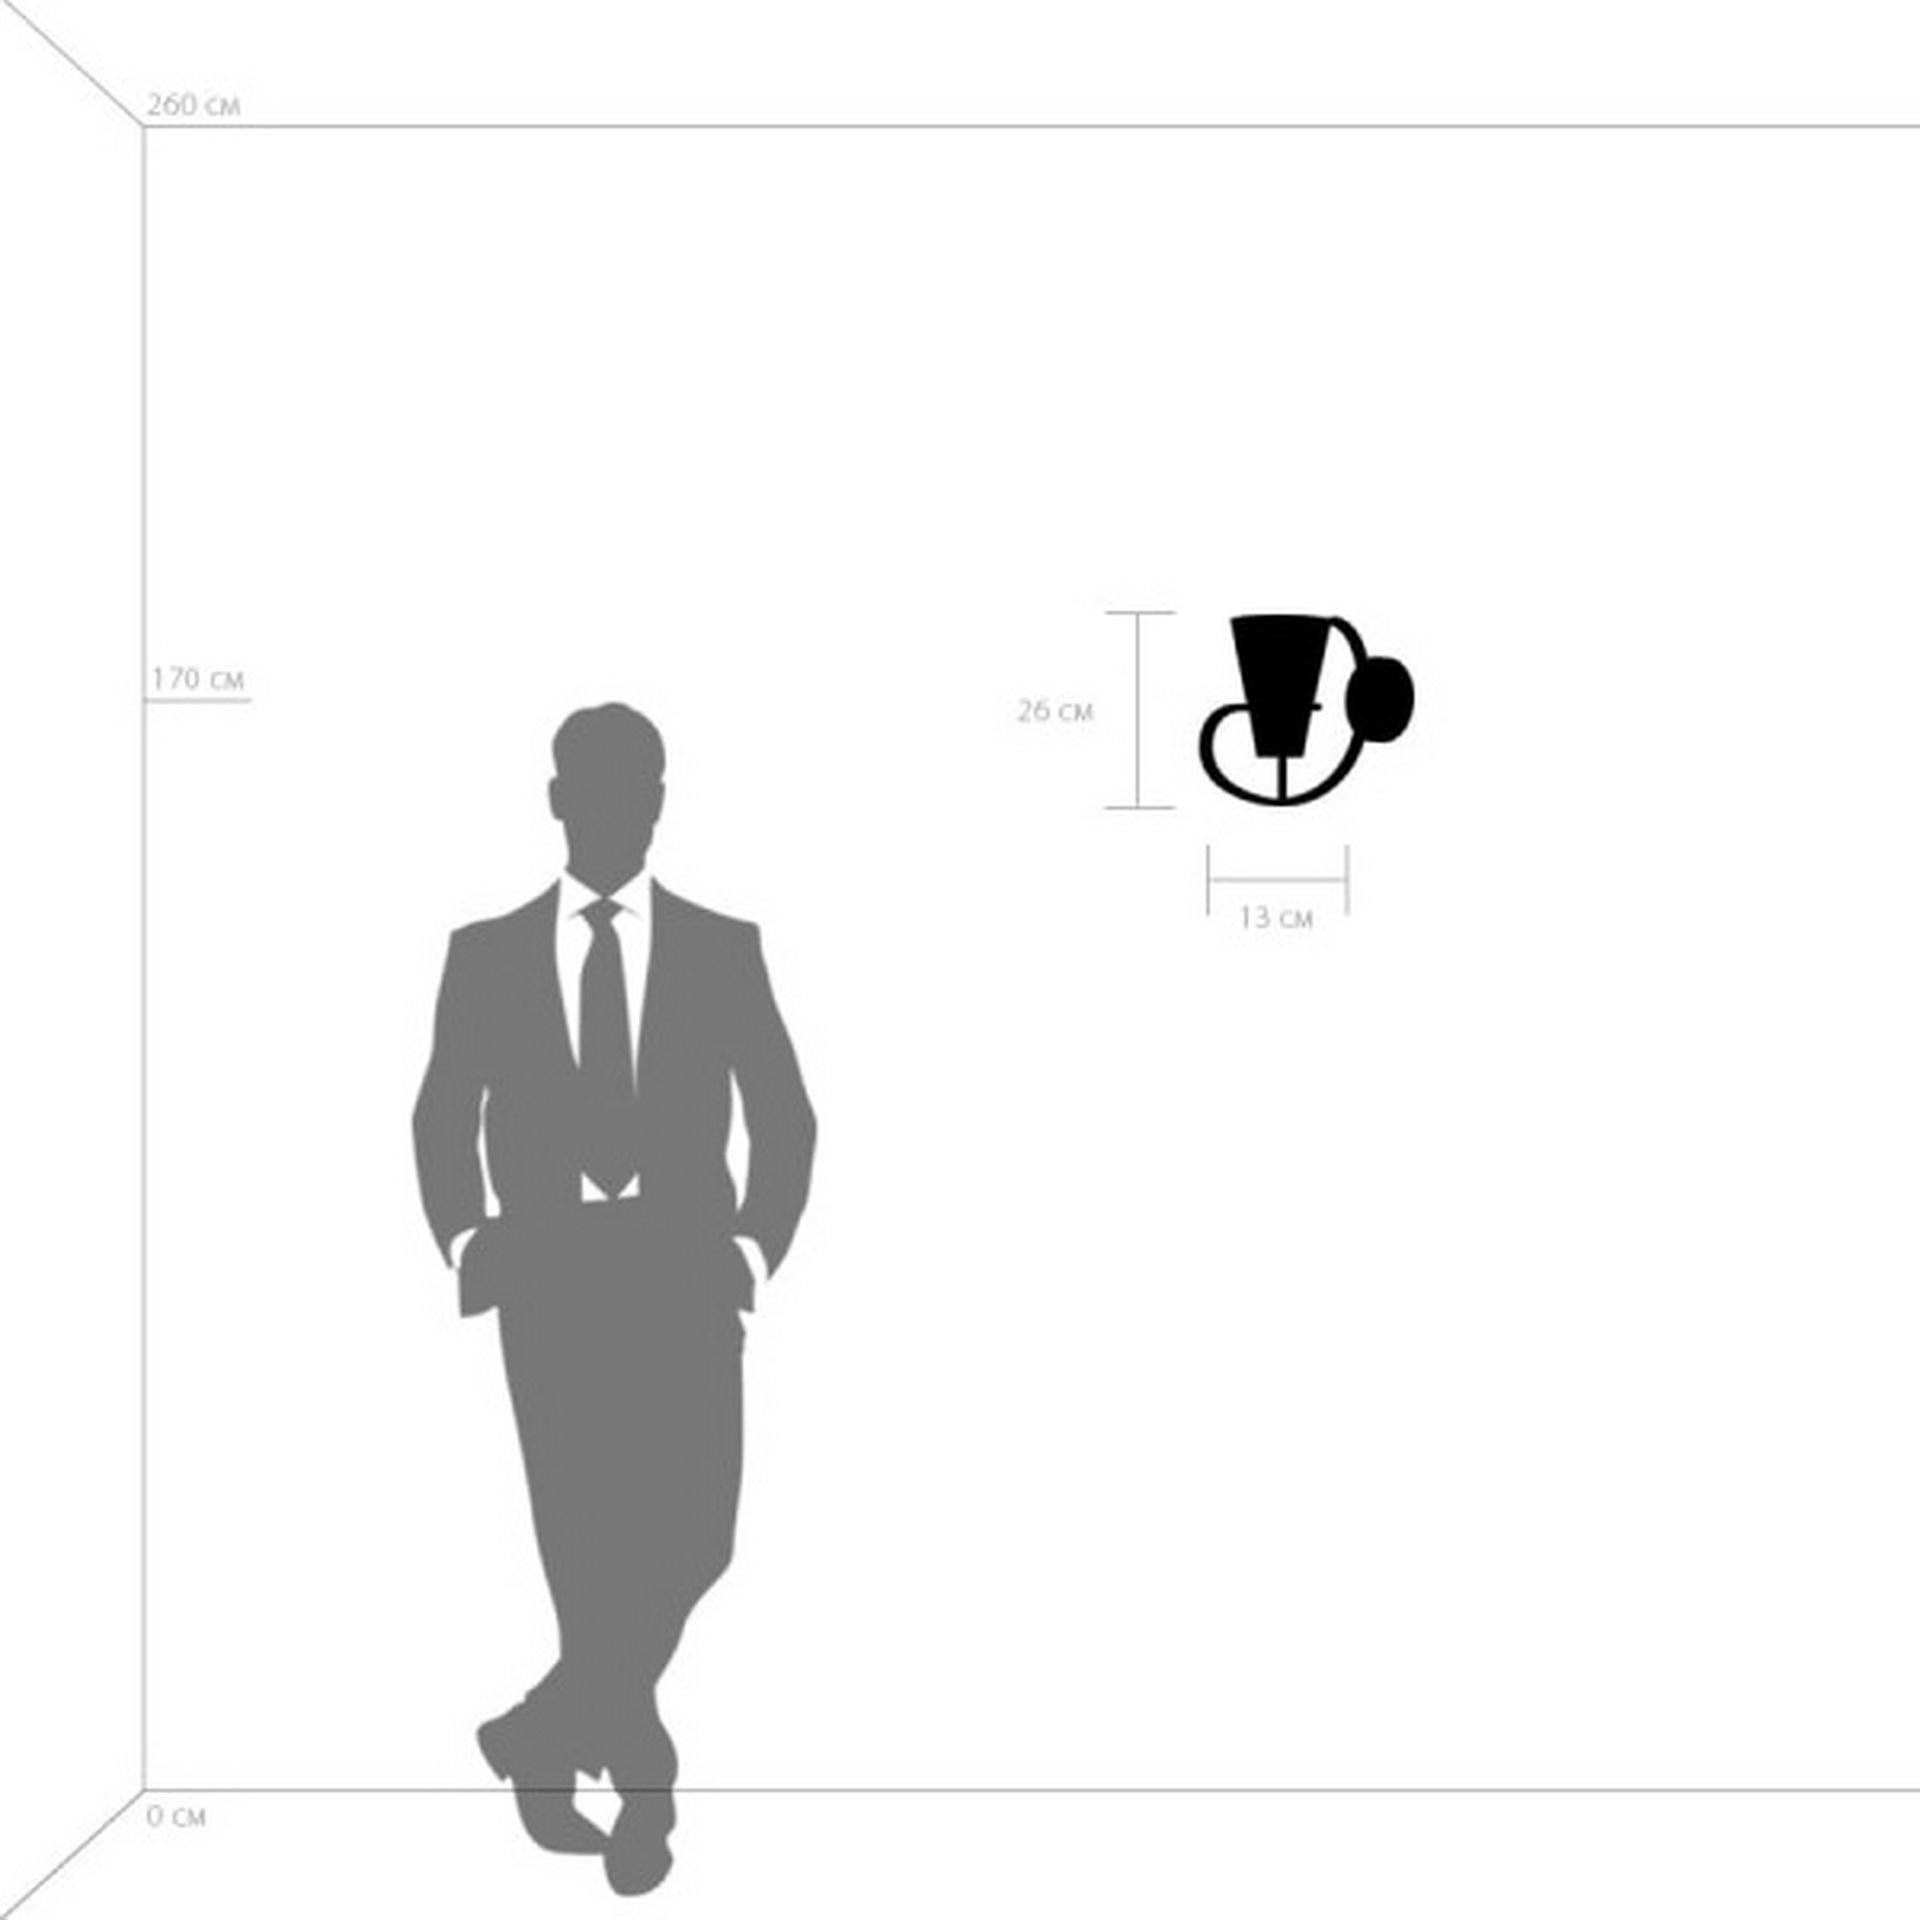 Бра FIACOLLA LightStar 733617 цвет - черный/белый, купить в СПб, Москве, с доставкой, Санкт-Петербург, интернет-магазин люстр и светильников Starlight, фото в жизни